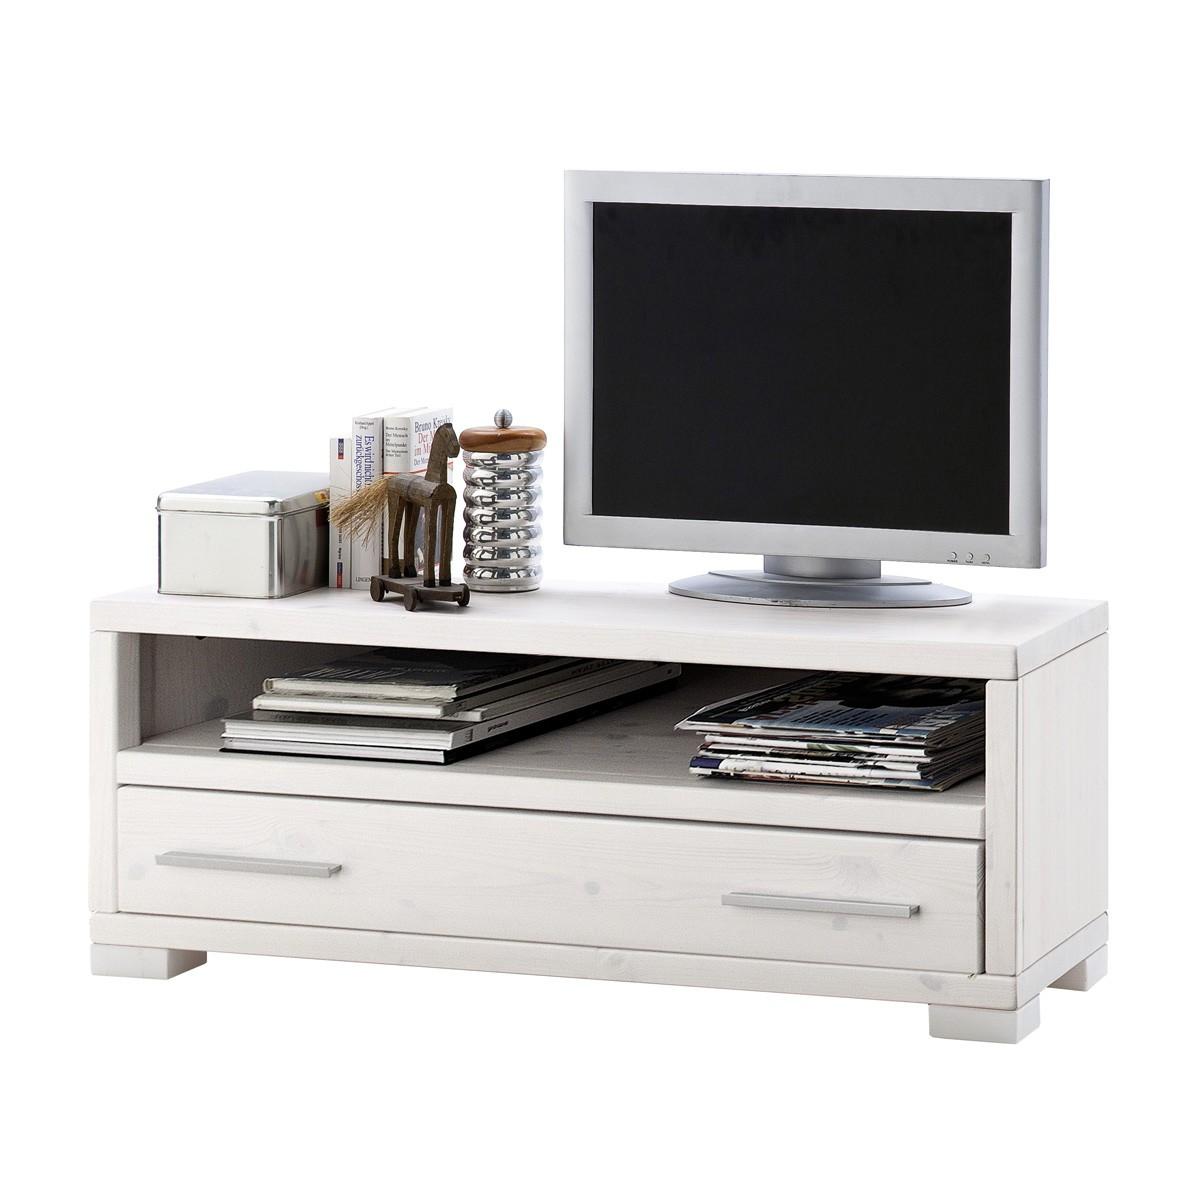 tv board madison in kiefer massivholz wei 120 cm. Black Bedroom Furniture Sets. Home Design Ideas